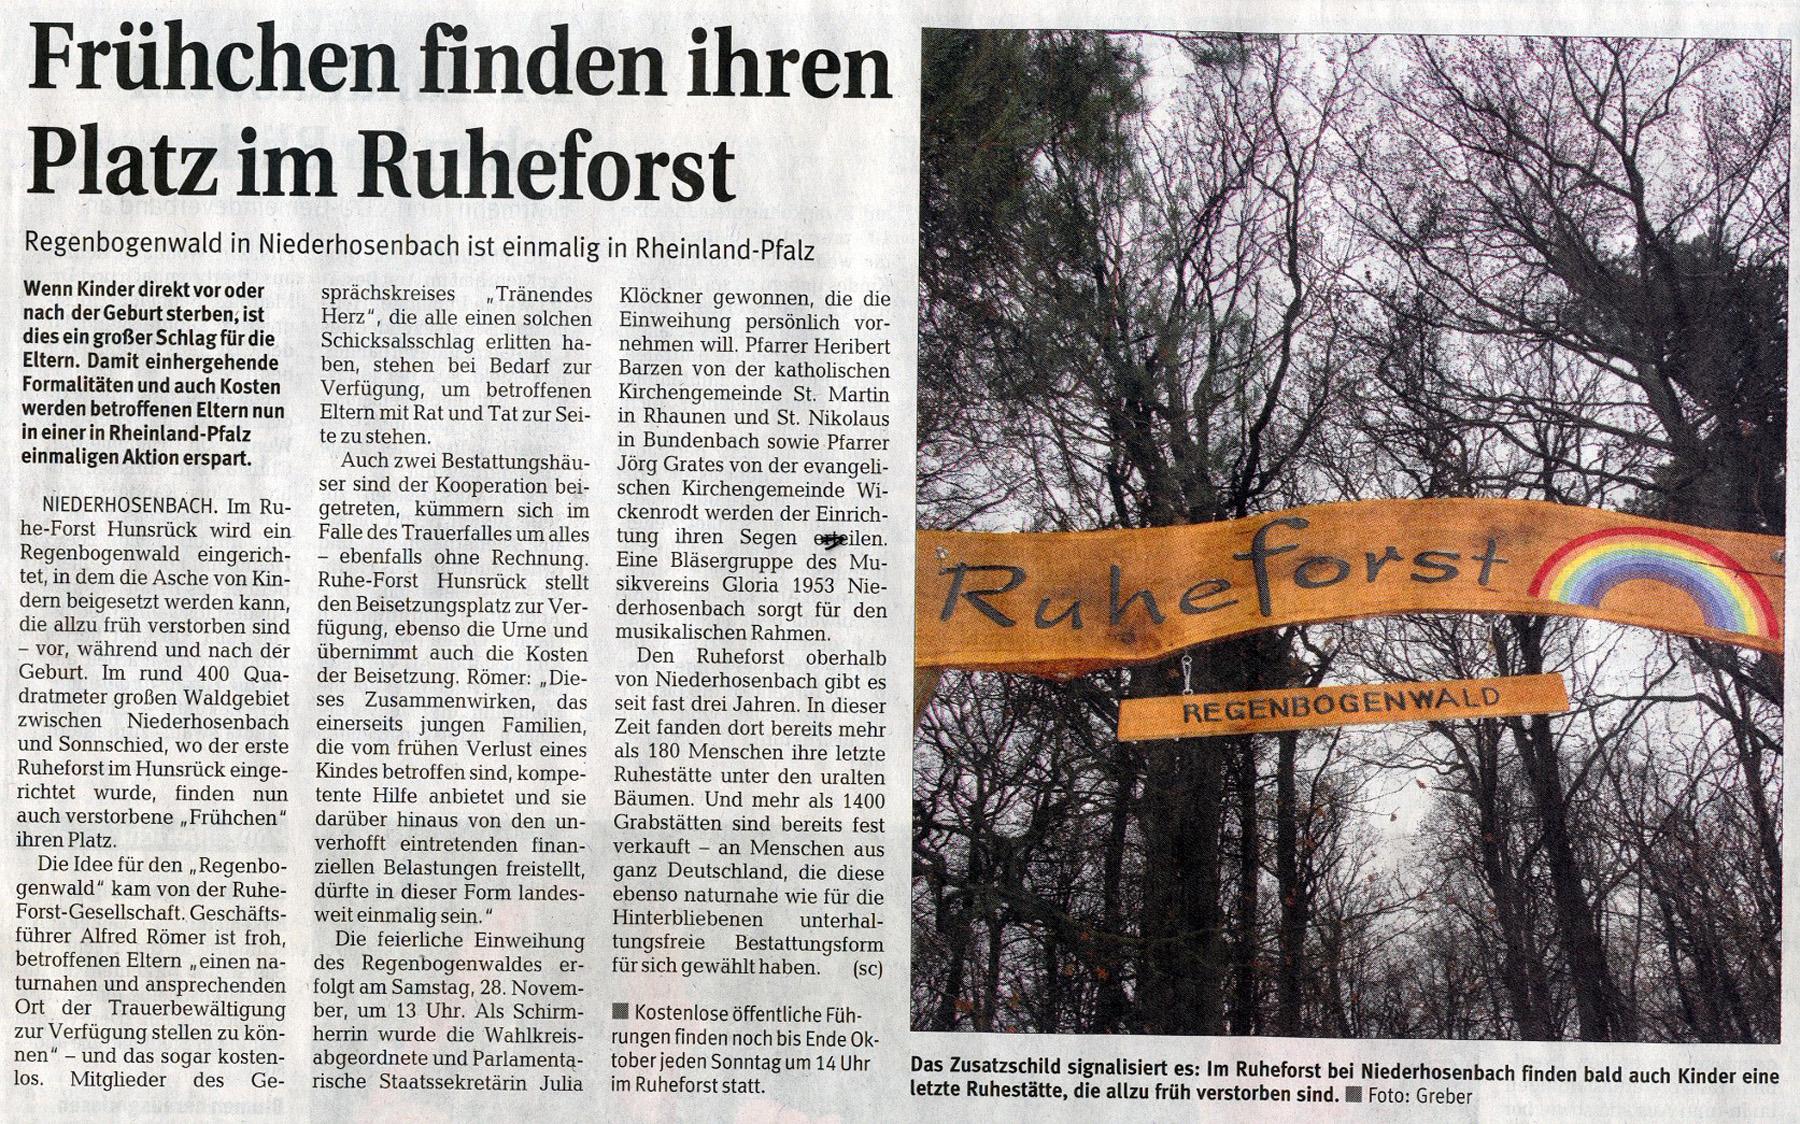 2009.11.18. Nahe-Zeitung - Kopie